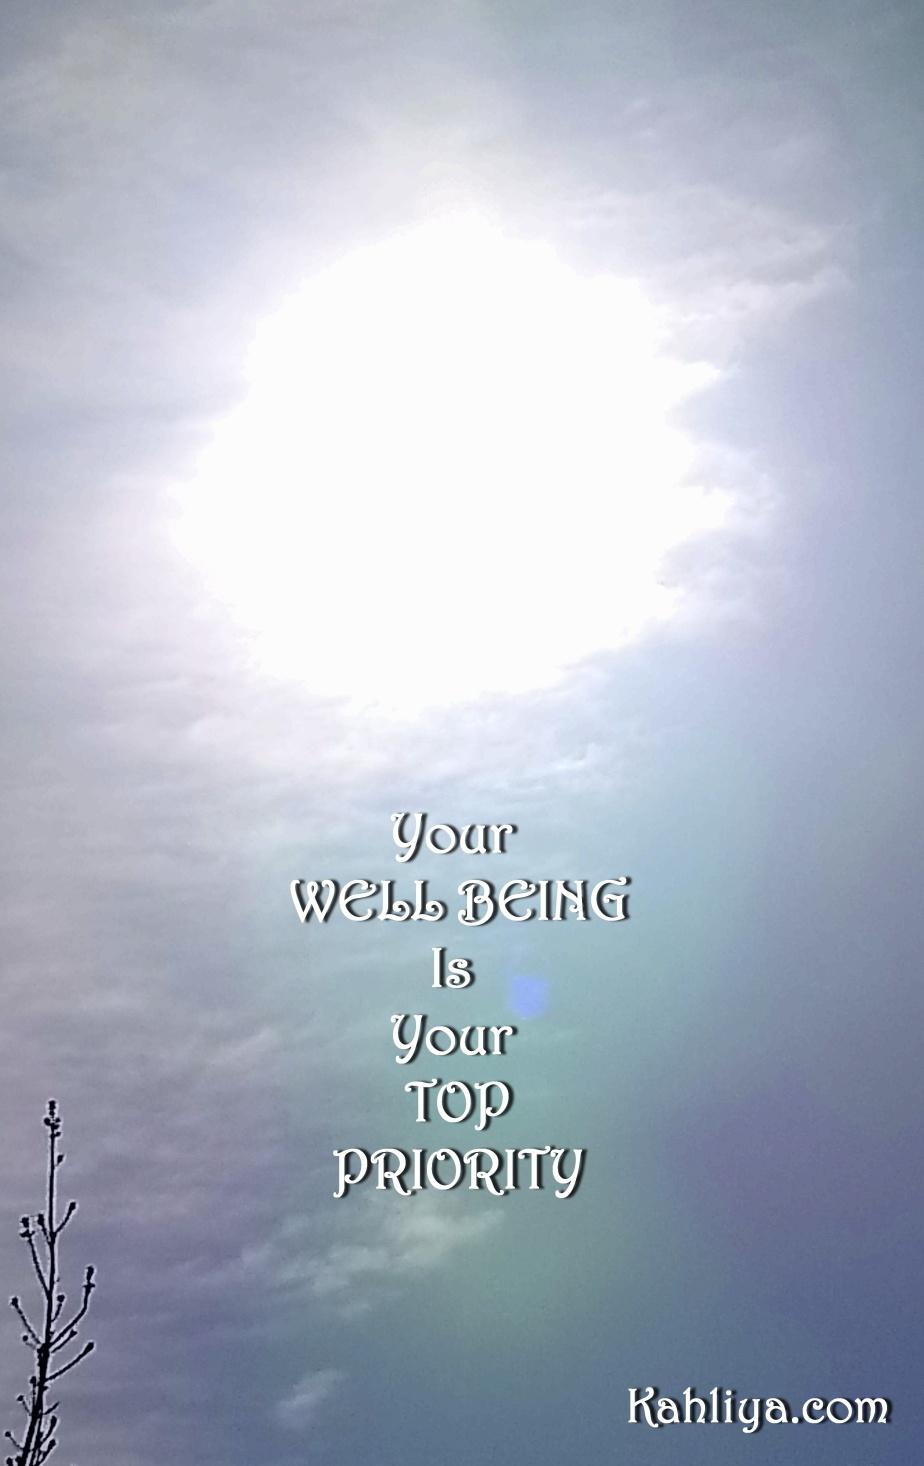 DSC_1202 crp wellbeing sind